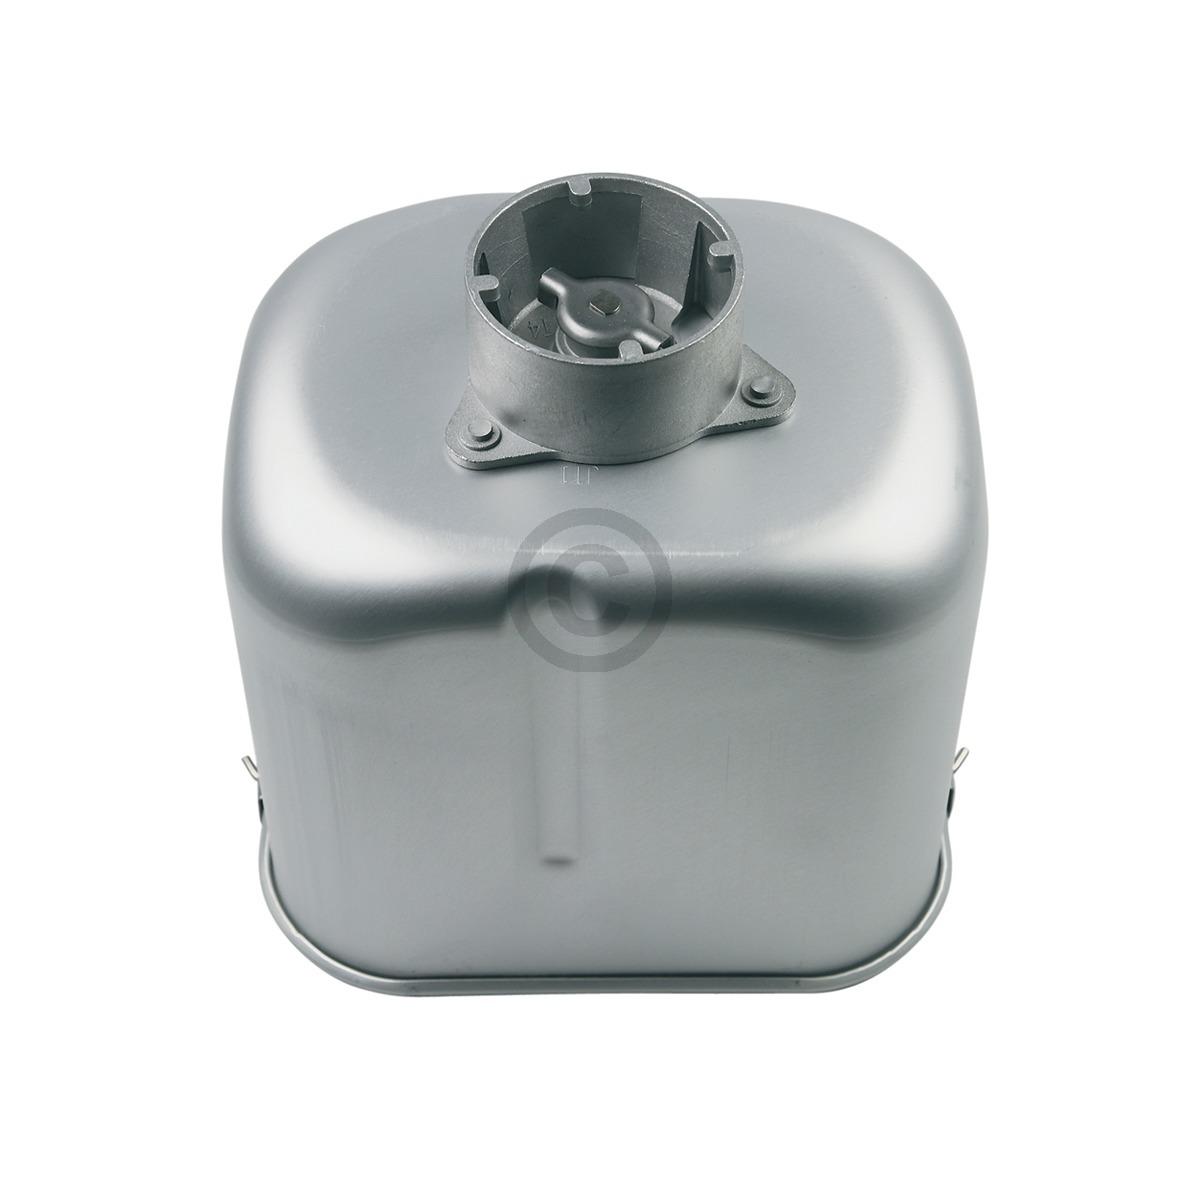 Backform für Brotbackautomaten, 205x145x199mm 1200g keramisch beschichtet 684157